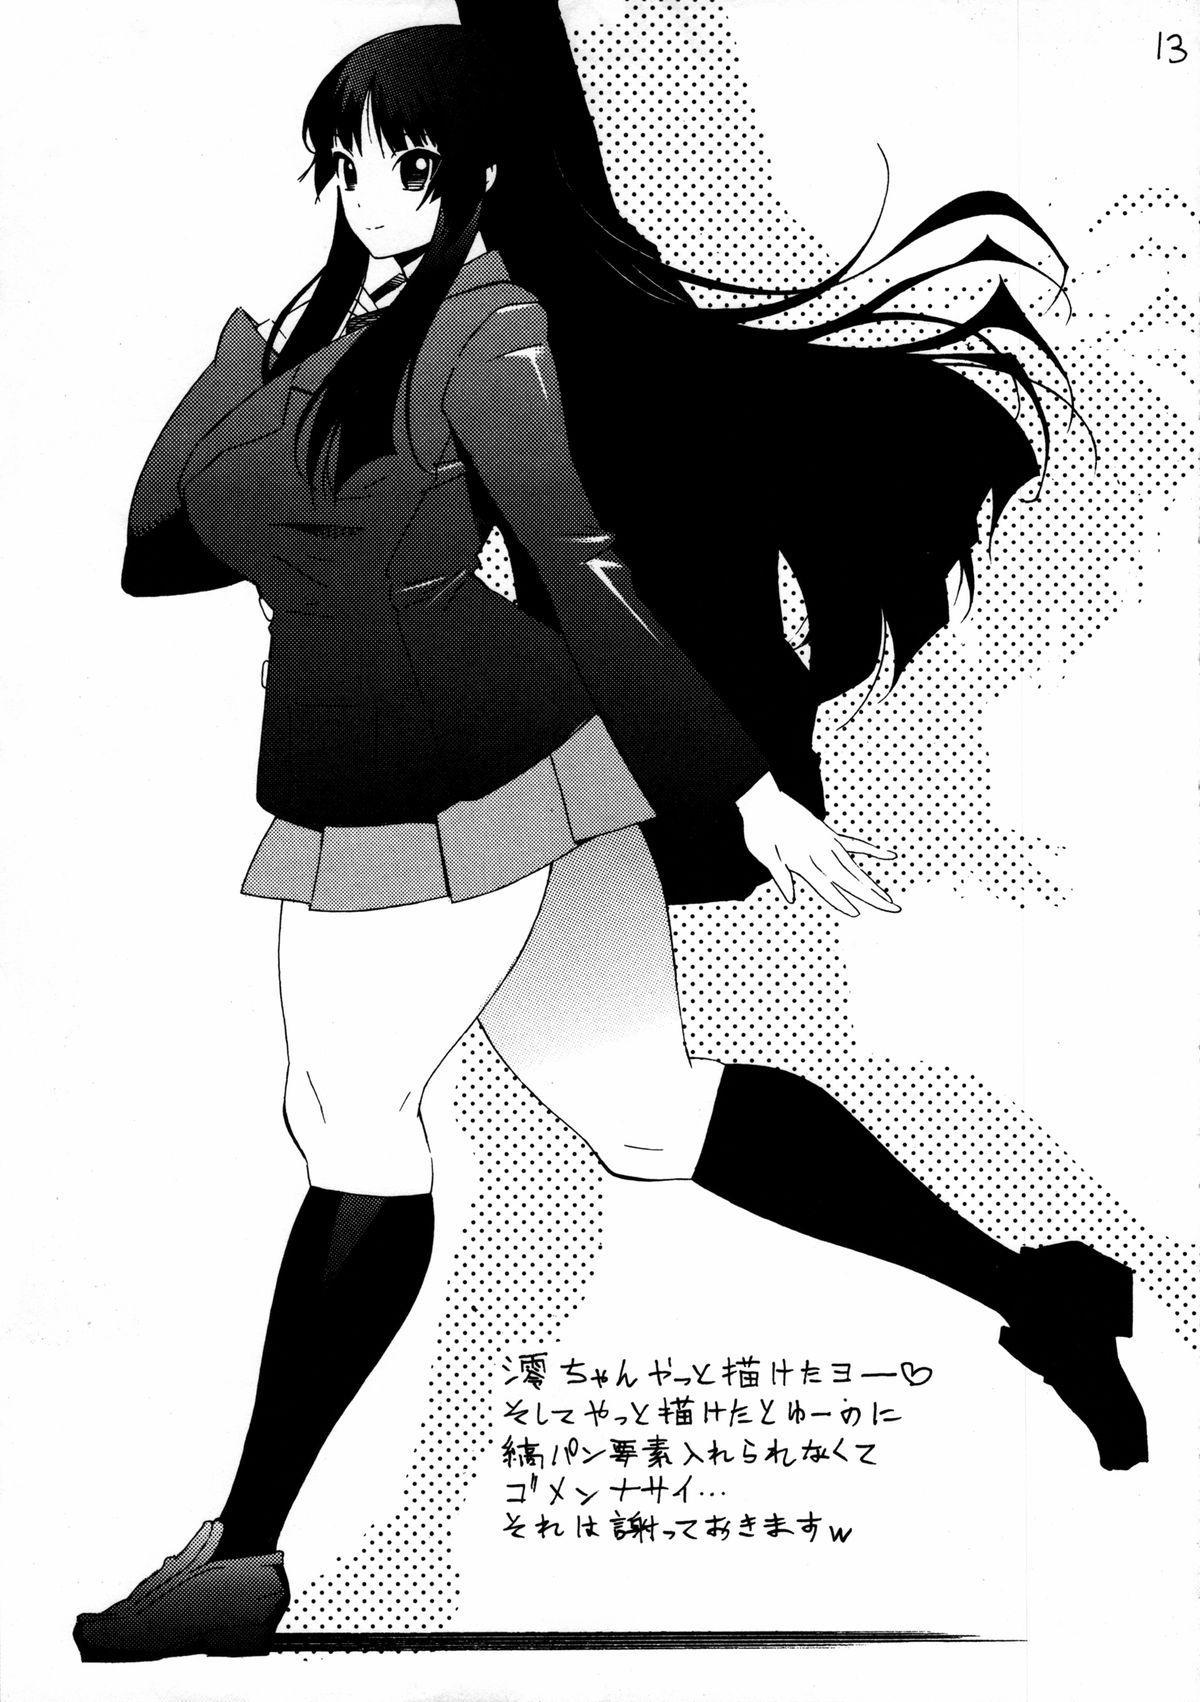 Tonikaku Suki Chara wo Hitasura ni Kaite Kaite Kakimakutta dake no Hon 13